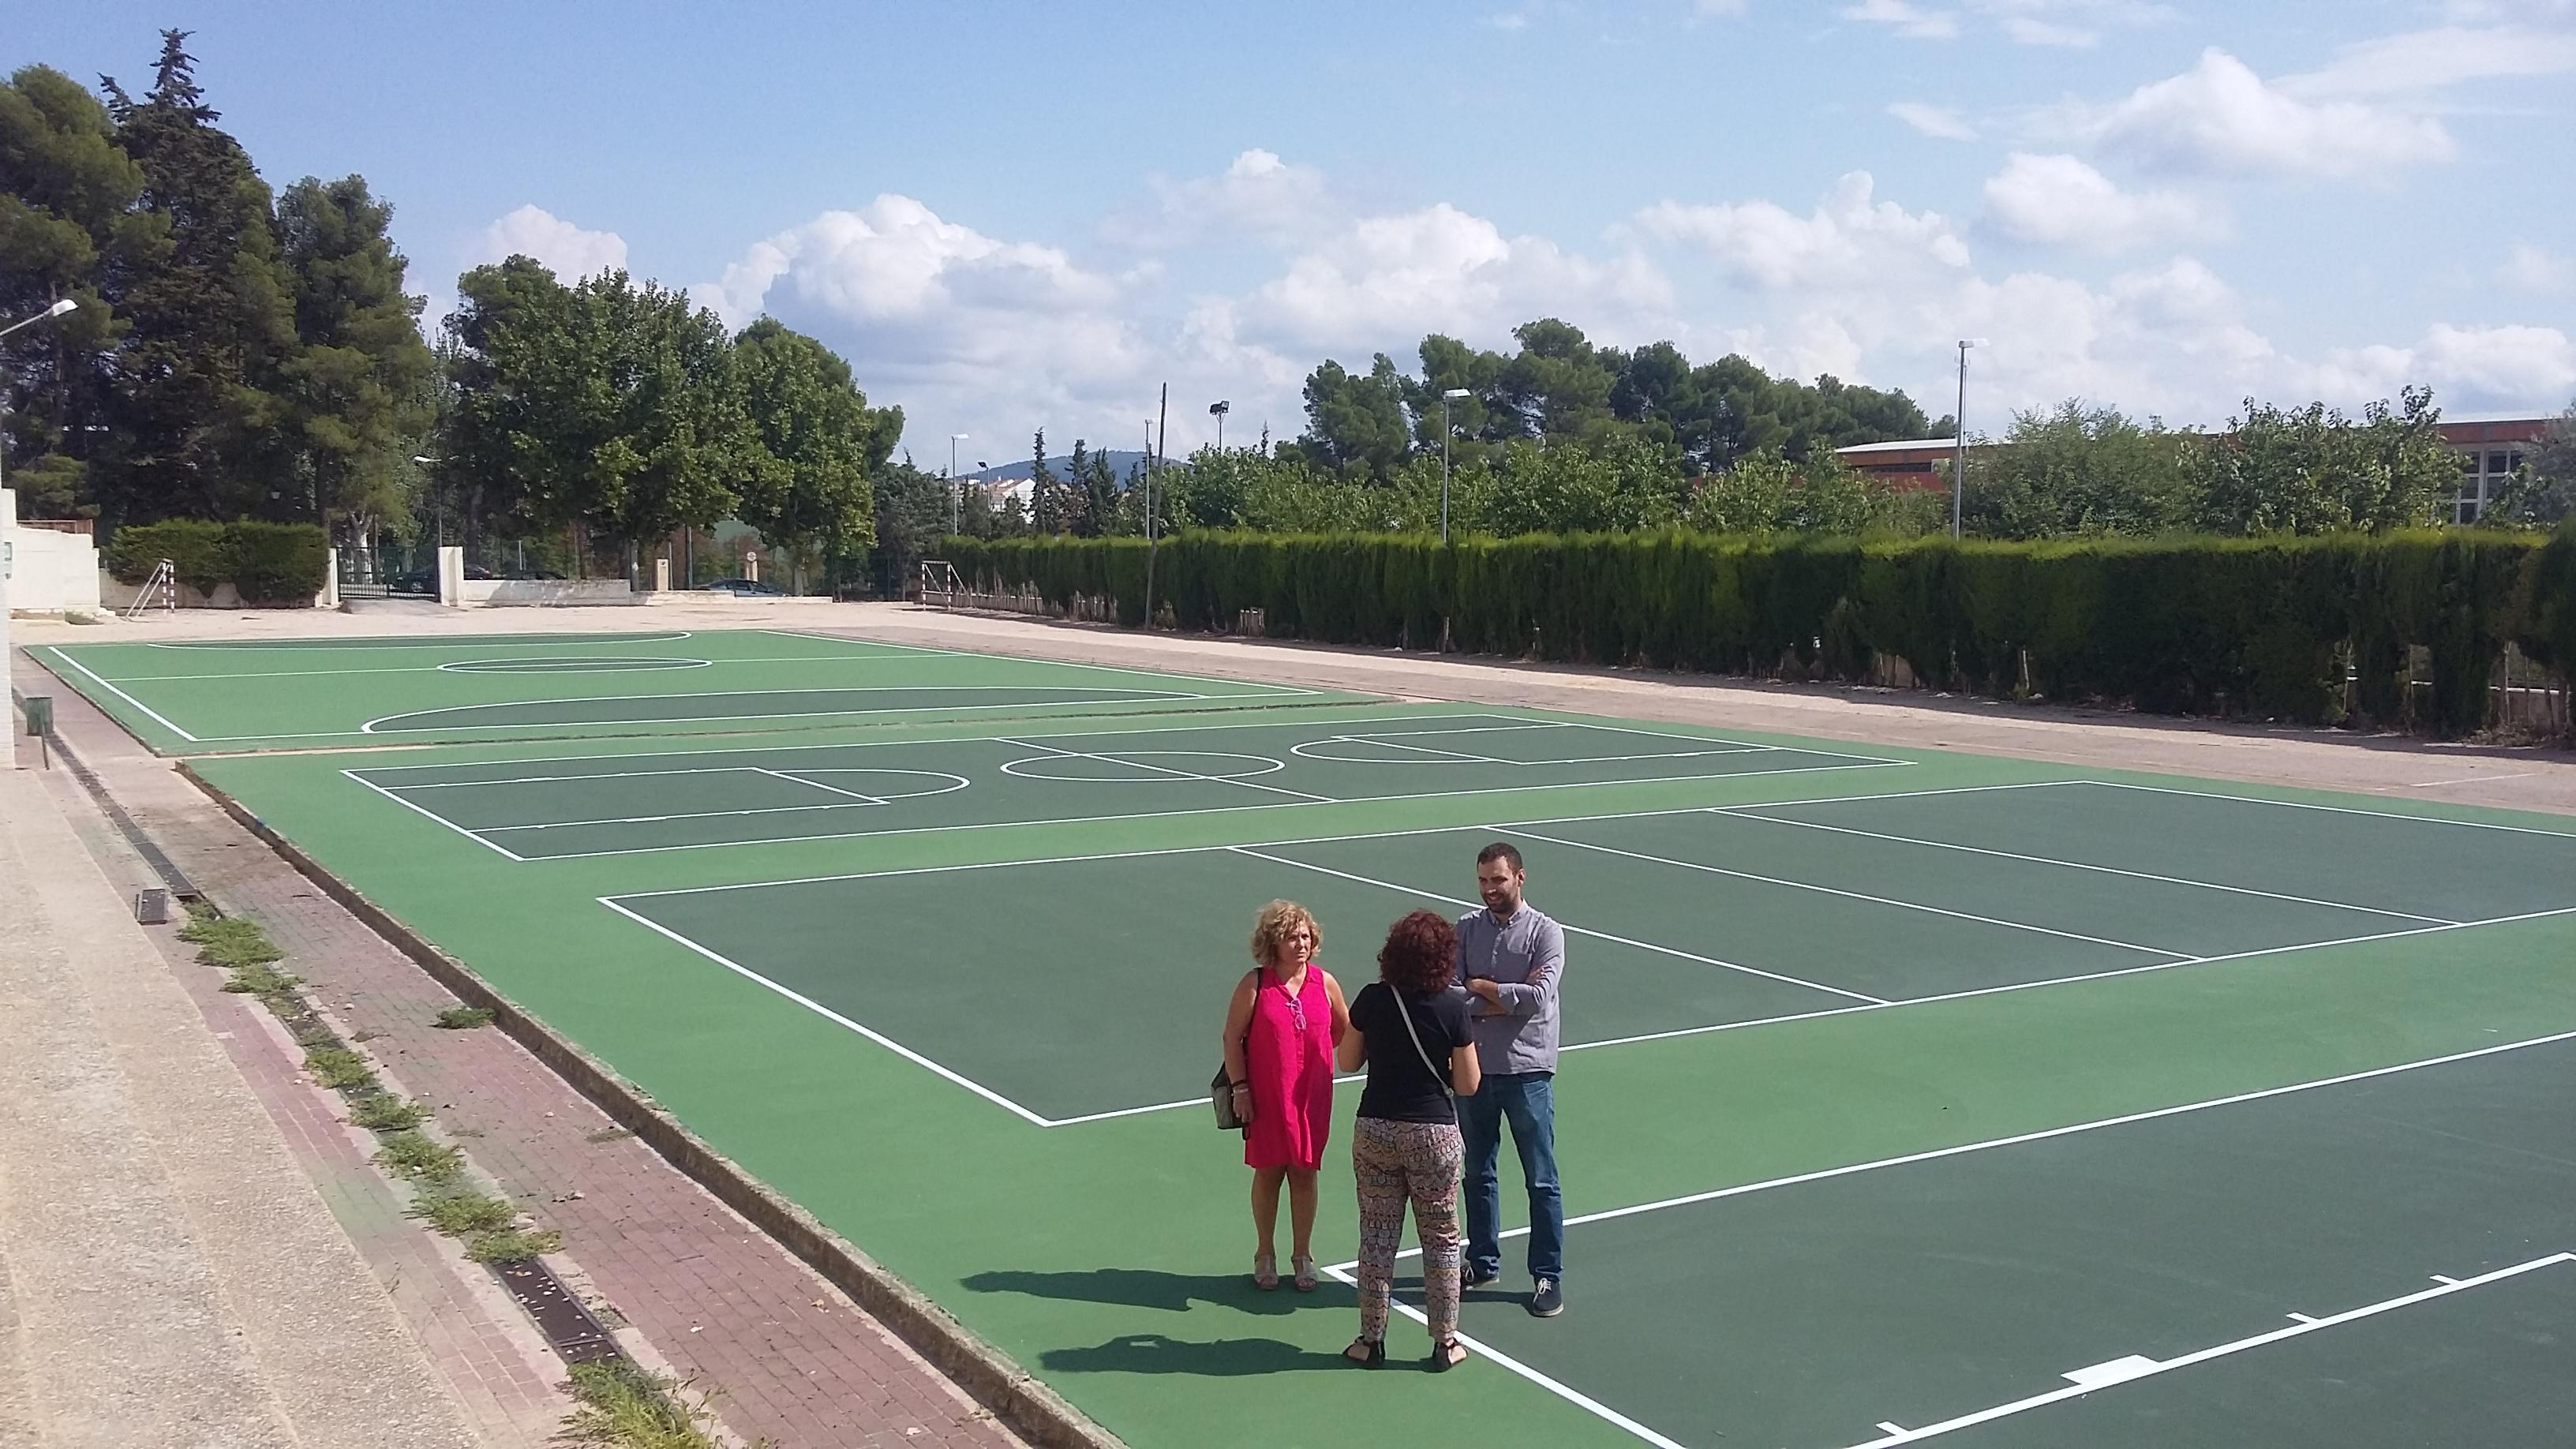 l Ayuntamiento de Requena ha llevado a cabo durante este verano importantes y necesarias intervenciones en los colegios que suponen una mejora muy notable de las instalaciones educativas.